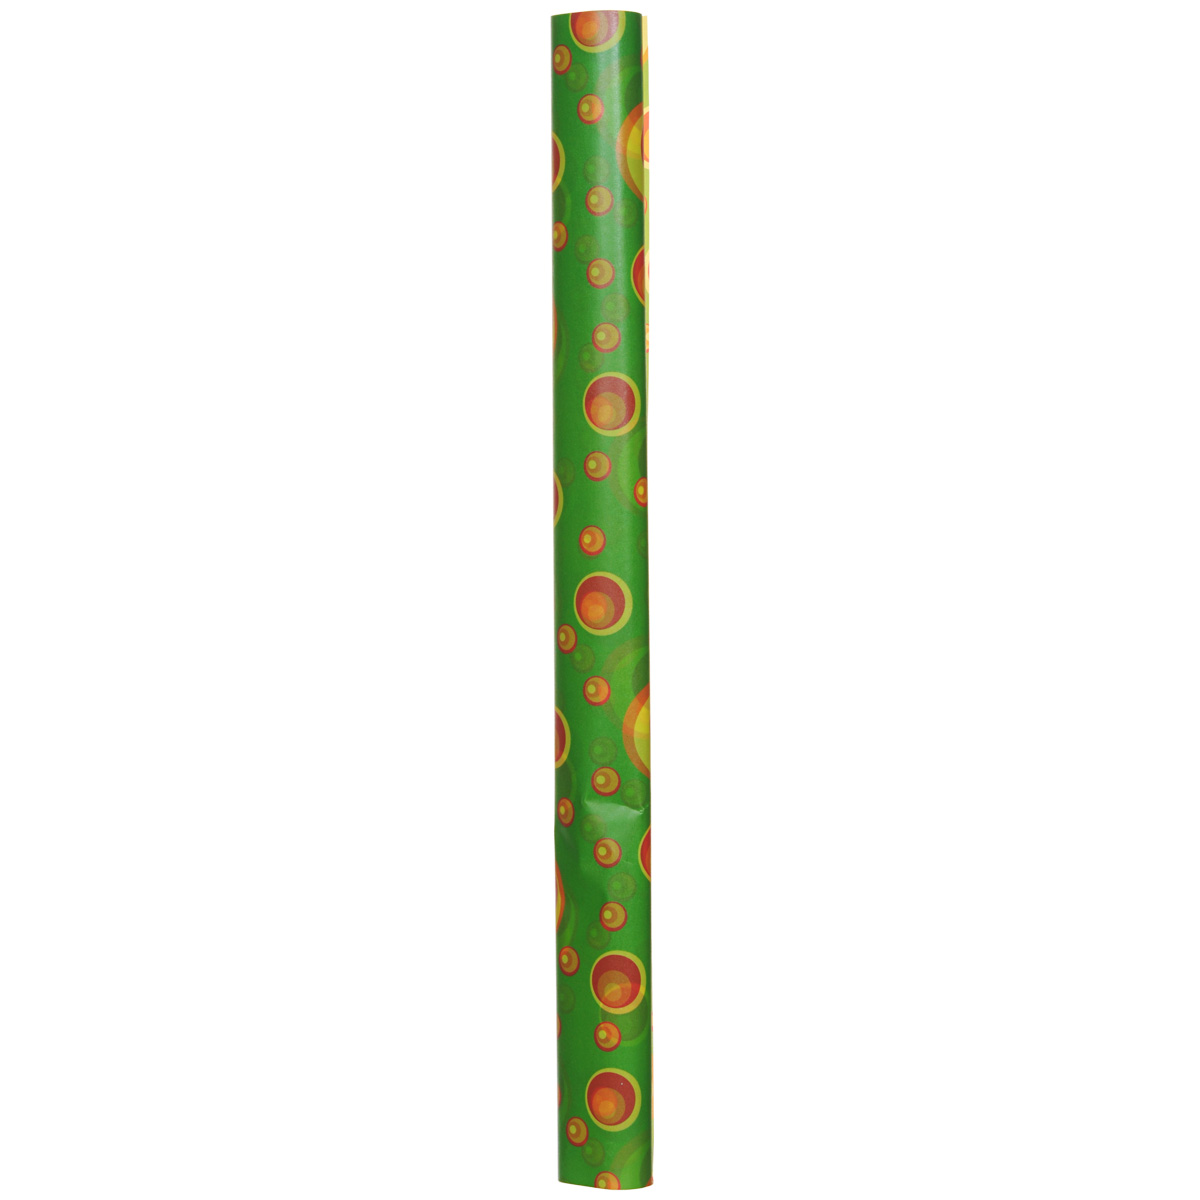 Транспарентная бумага Folia Круги, цвет: зеленый, 50,5 x 70 см9755/09Транспарентная бумага Folia Круги - полупрозрачная бумага с оригинальным дизайном в виде различных кругов. Используется для изготовления открыток, для скрапбукинга и других декоративных или дизайнерских работ. Бумага прекрасно держит форму, не пачкает руки, отлично крепится. Конструирование из транспарентной бумаги - необходимый для развития детей процесс. Во время занятия аппликацией ребенок сумеет разработать четкость движений, ловкость пальцев, аккуратность и внимательность. Кроме того, транспарентная бумага позволит разнообразить идеи ребенка при создании творческих работ.